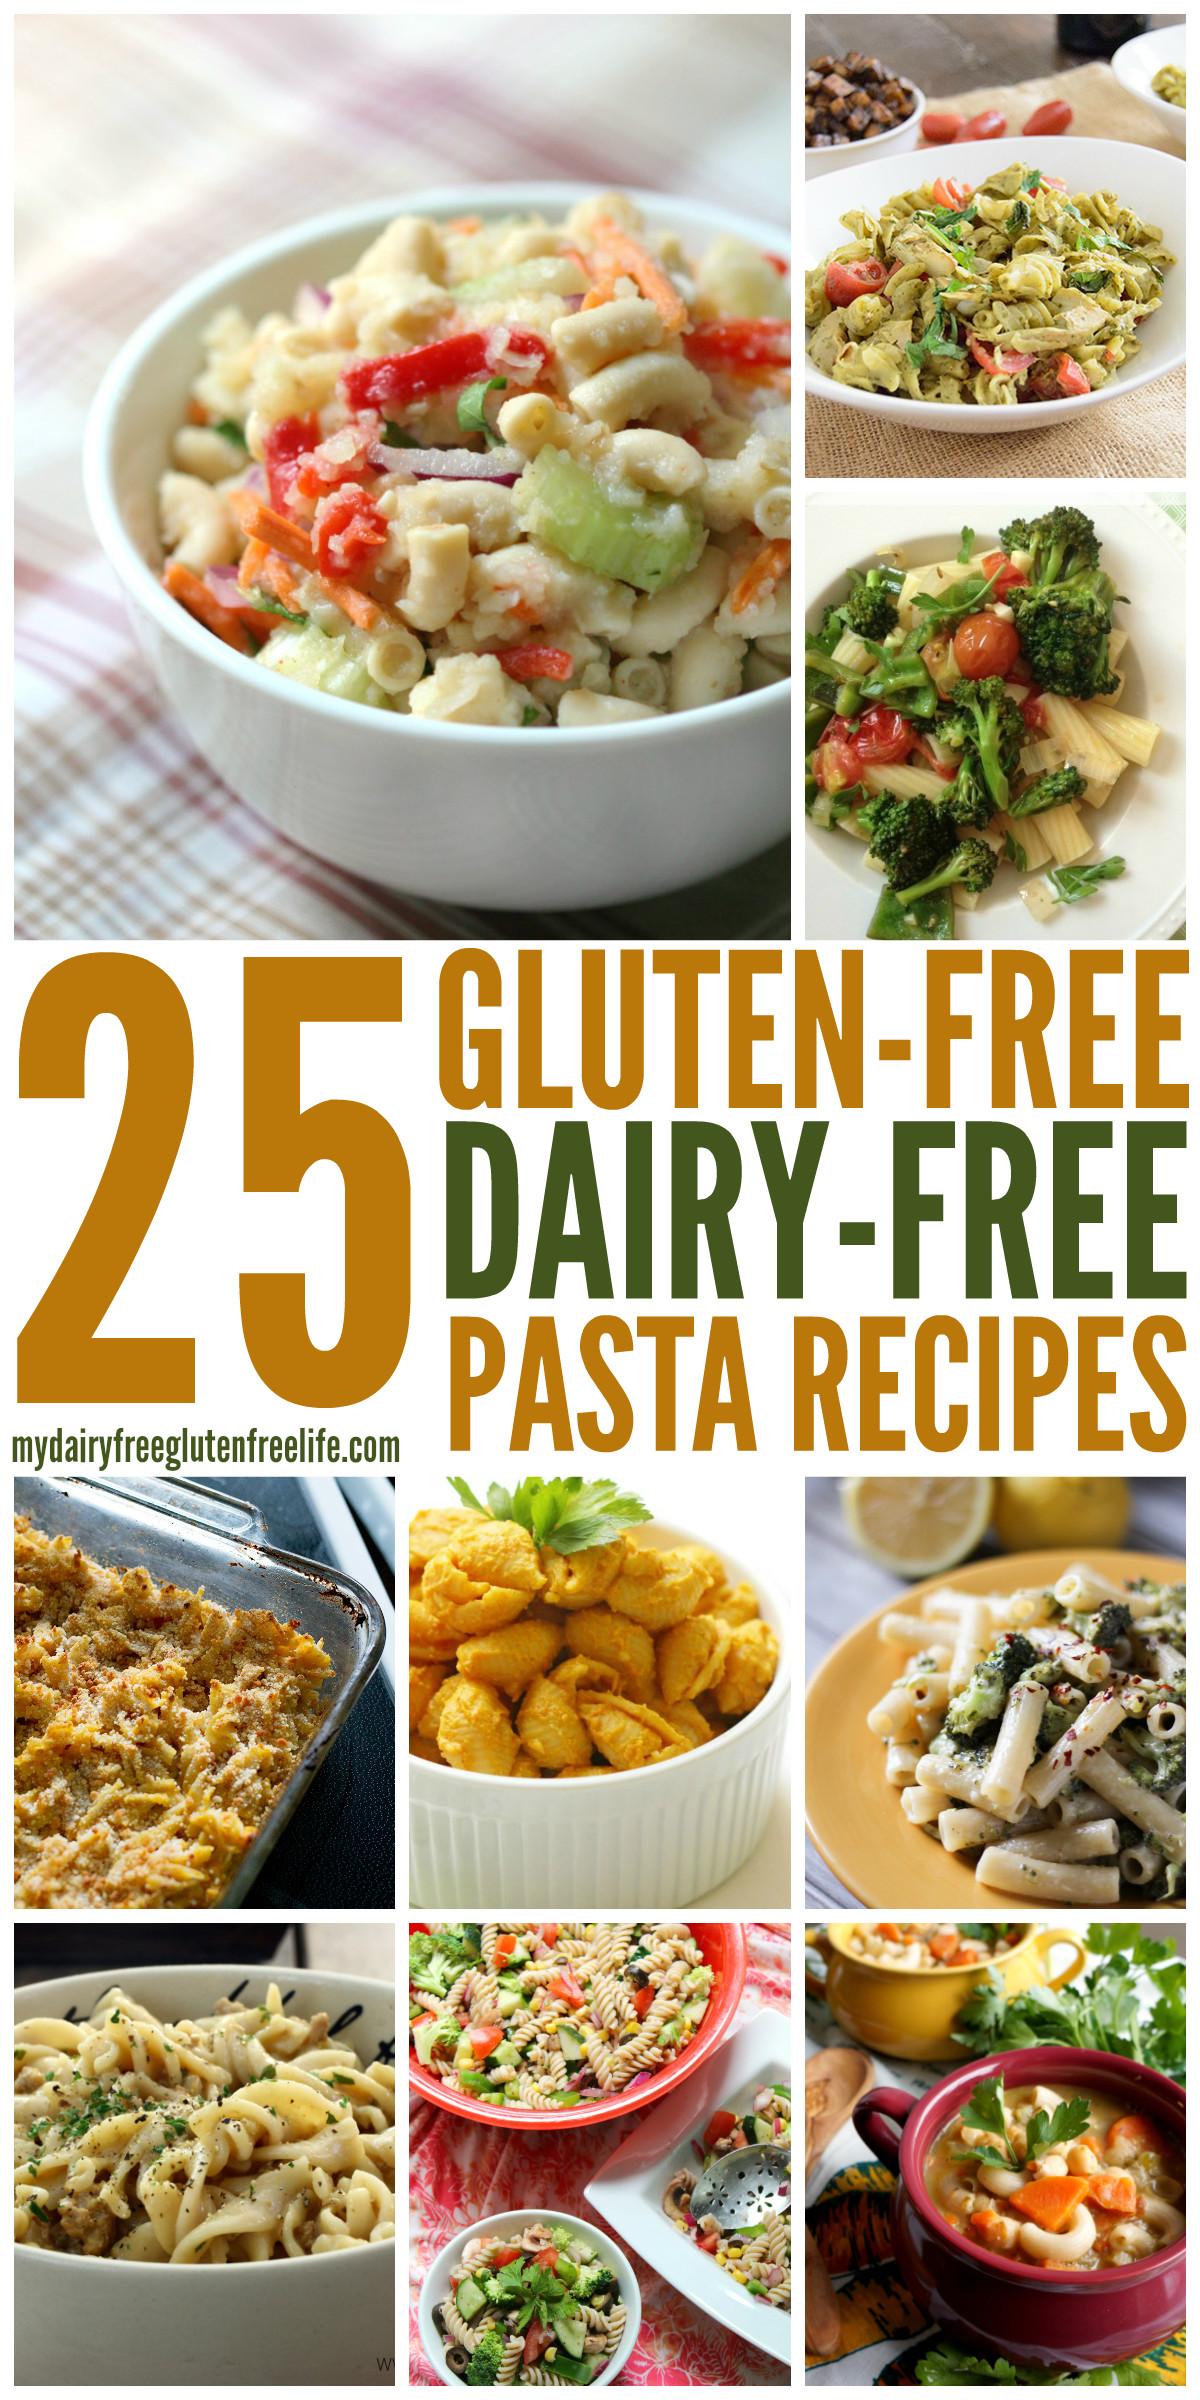 Dairy Free Gluten Free Recipes  Gluten Free Pasta Dishes dairyfree My DairyFree